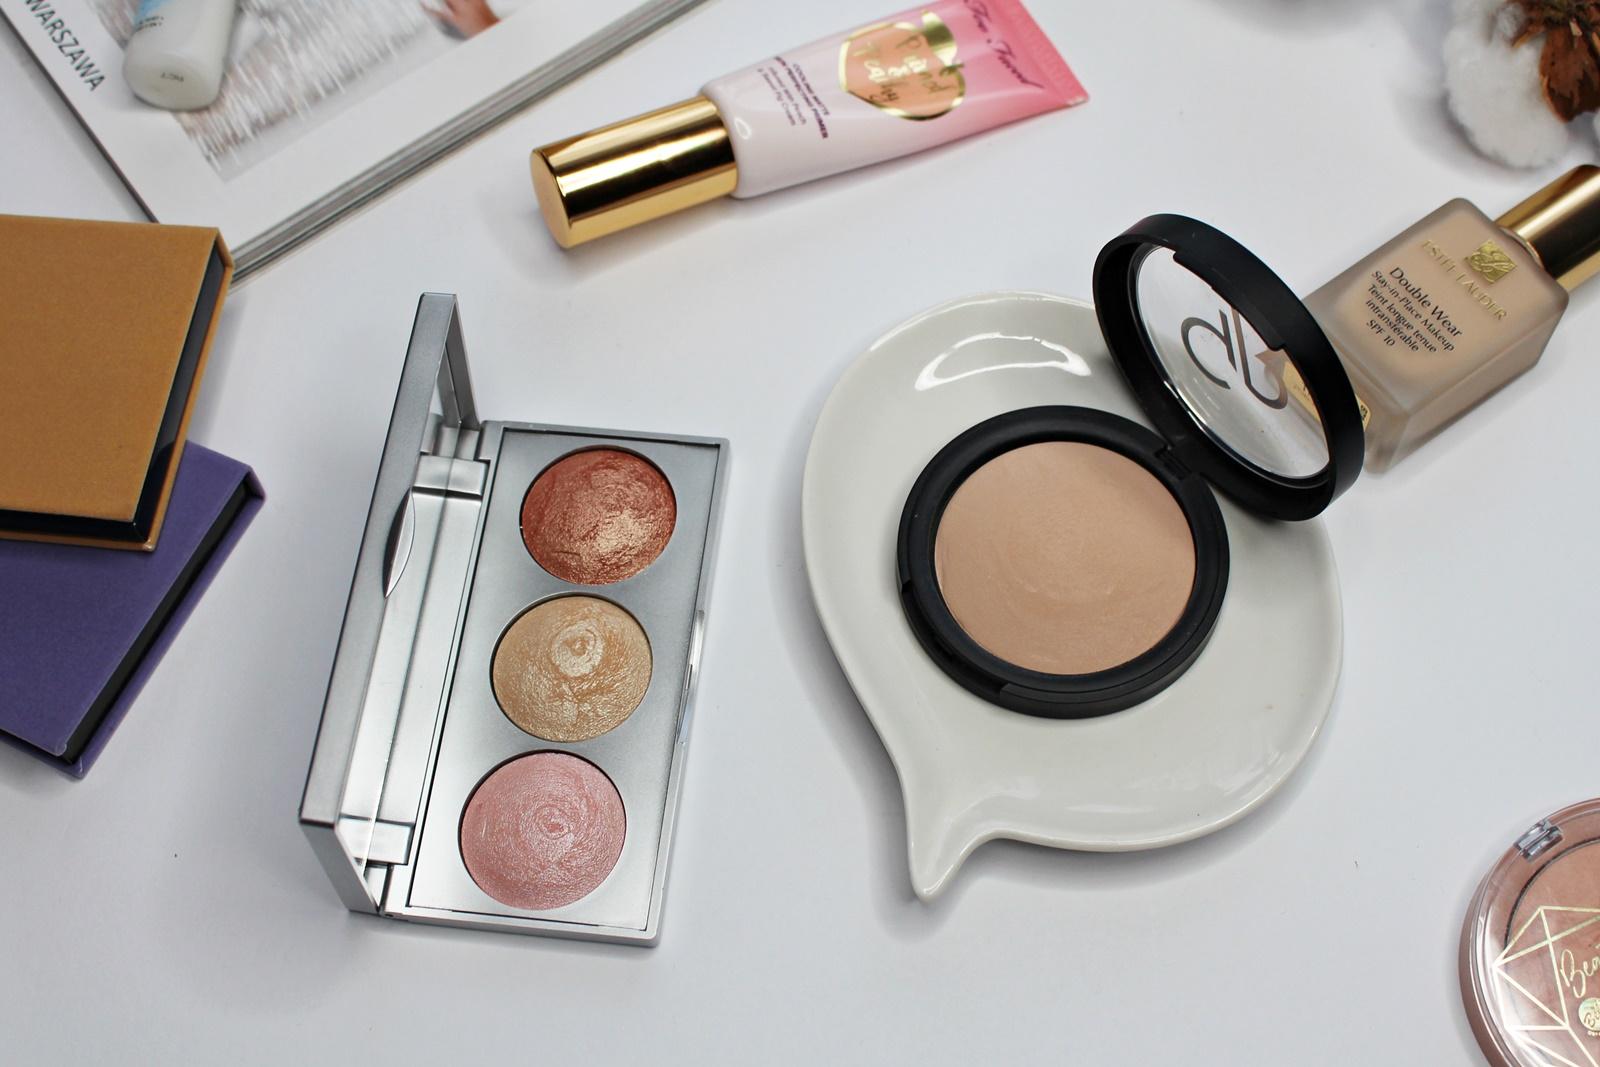 Nowości w mojej kosmetyczce | Anastasia Beverly Hills, Estee Lauder, Smashbox, Golden Rose i inne